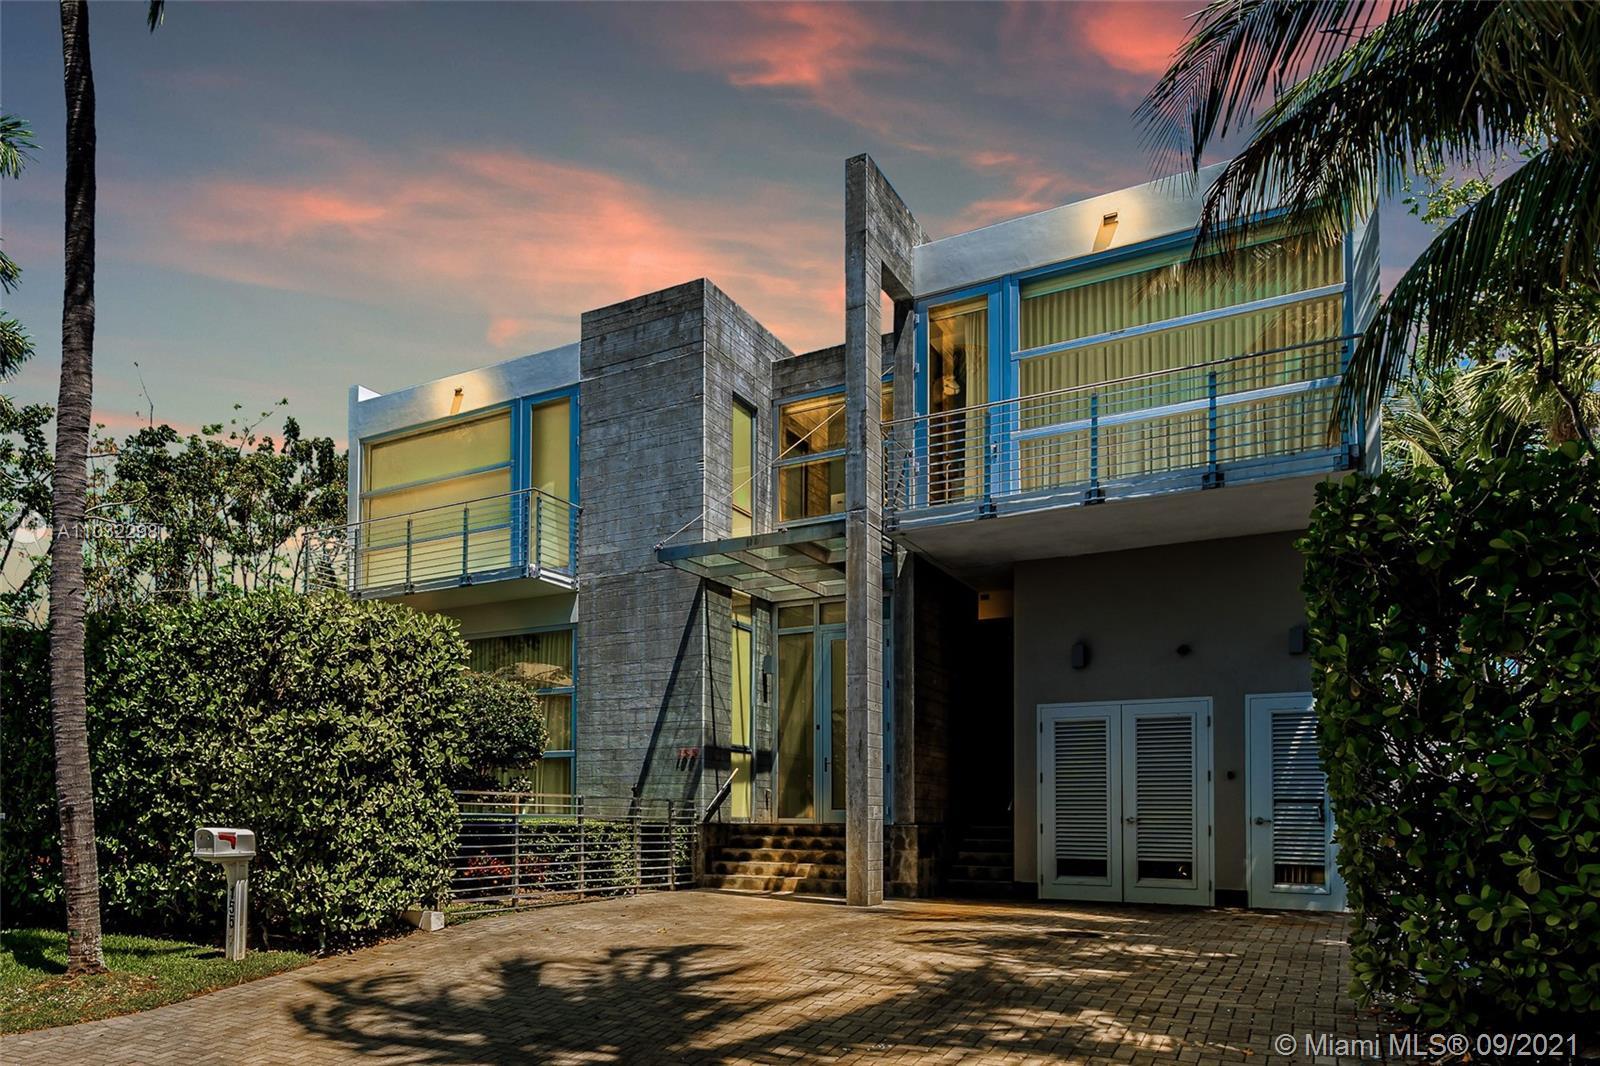 Tropical Isle Homes - 155 Hampton Ln, Key Biscayne, FL 33149